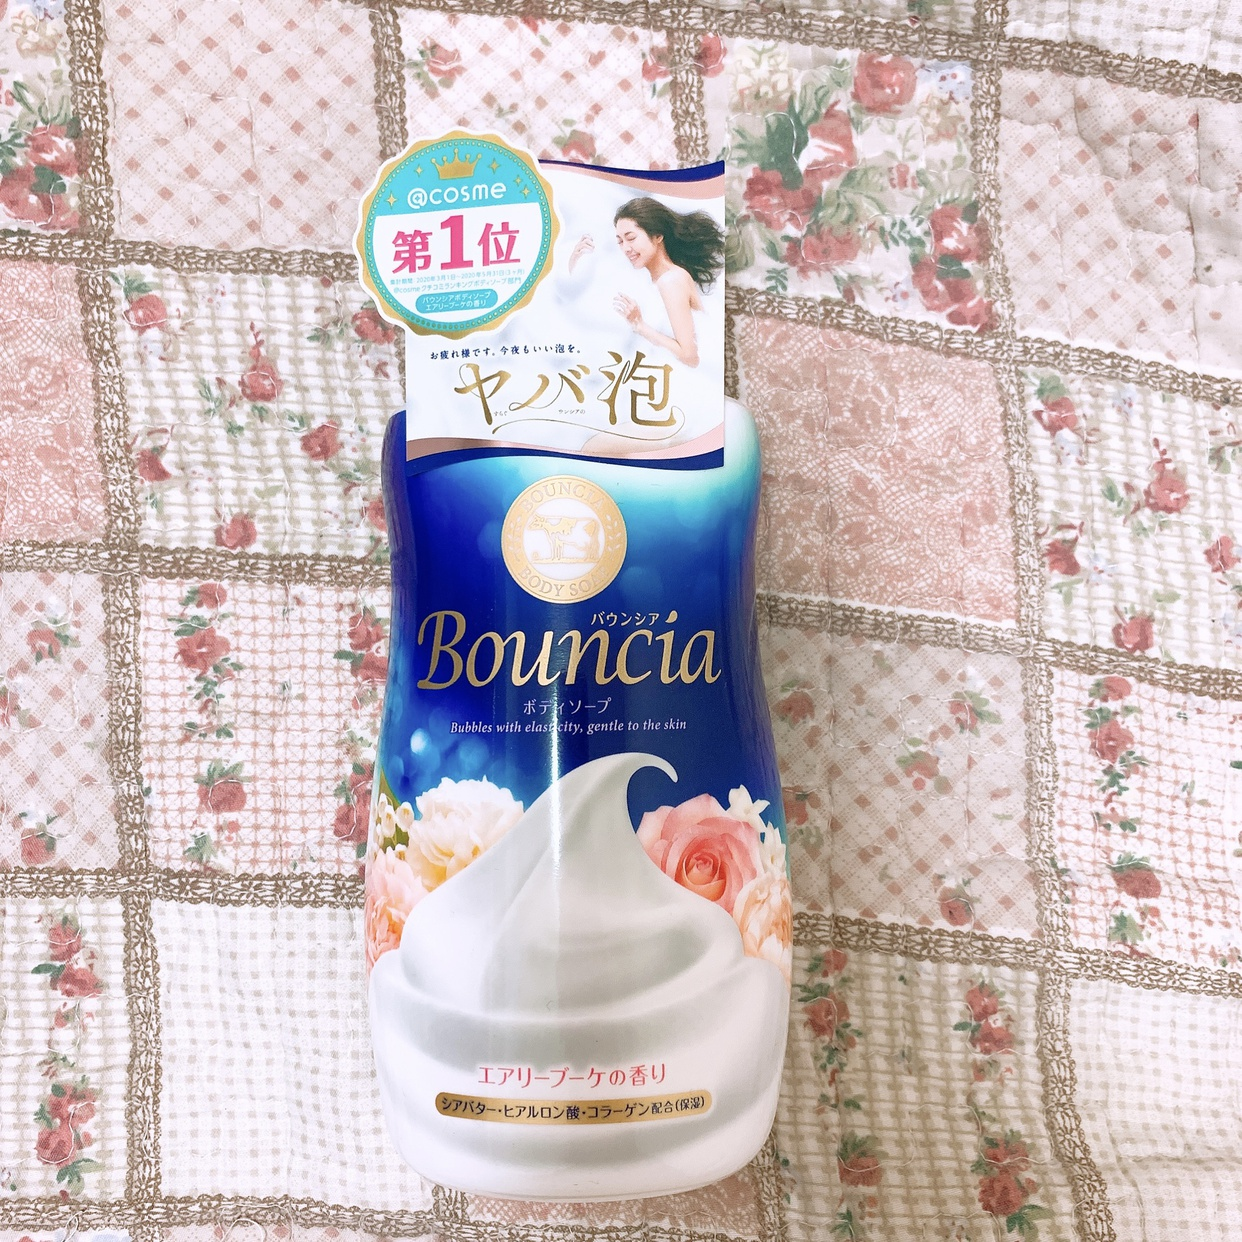 Bouncia(バウンシア) ボディソープを使ったまりたそさんのクチコミ画像1